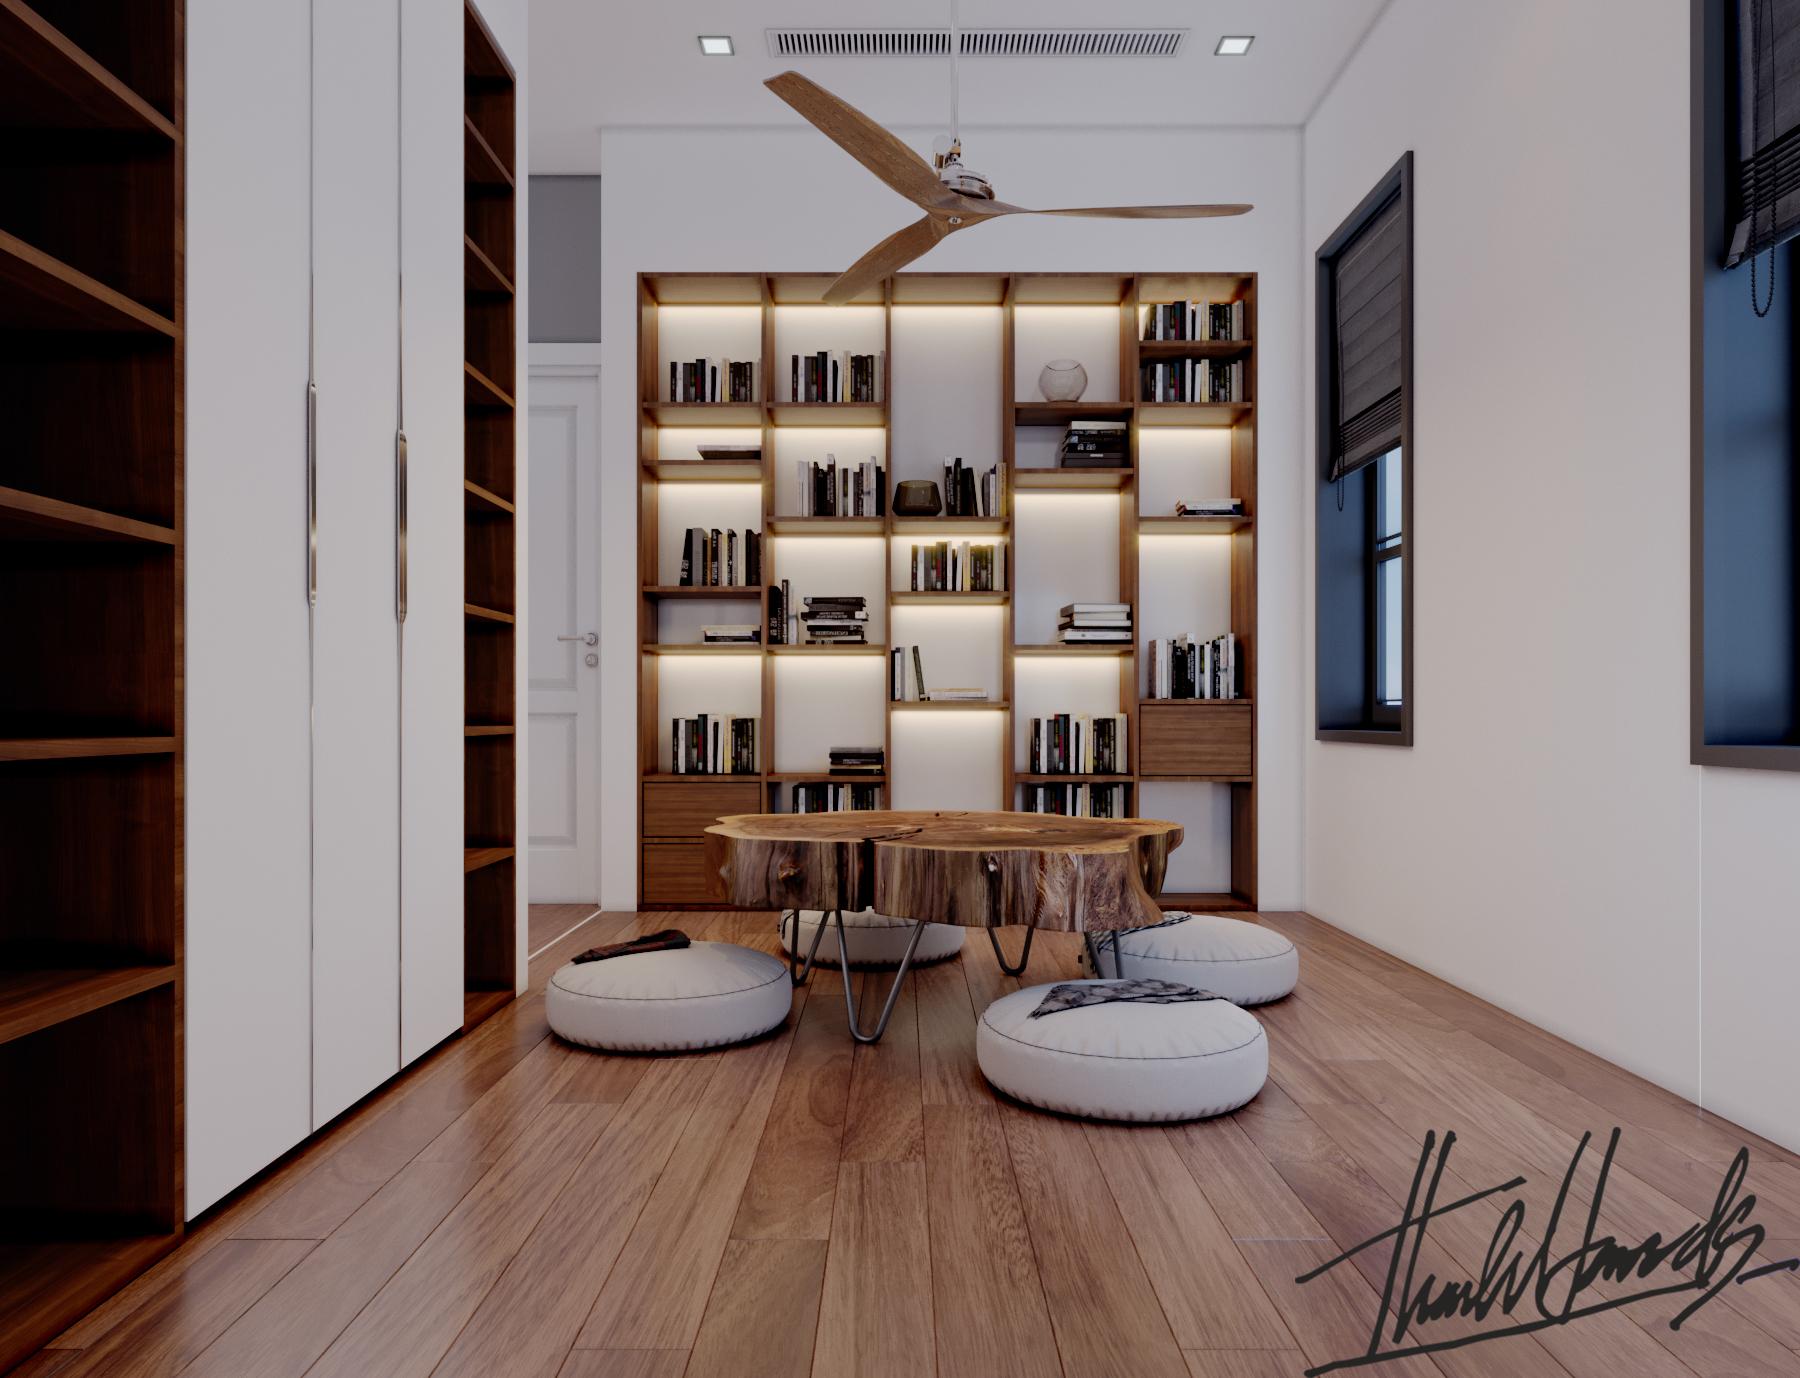 thiết kế nội thất Biệt Thự tại Hải Phòng Biệt thự Vinhomes - imperia ( khu VEN) 28 1568278788